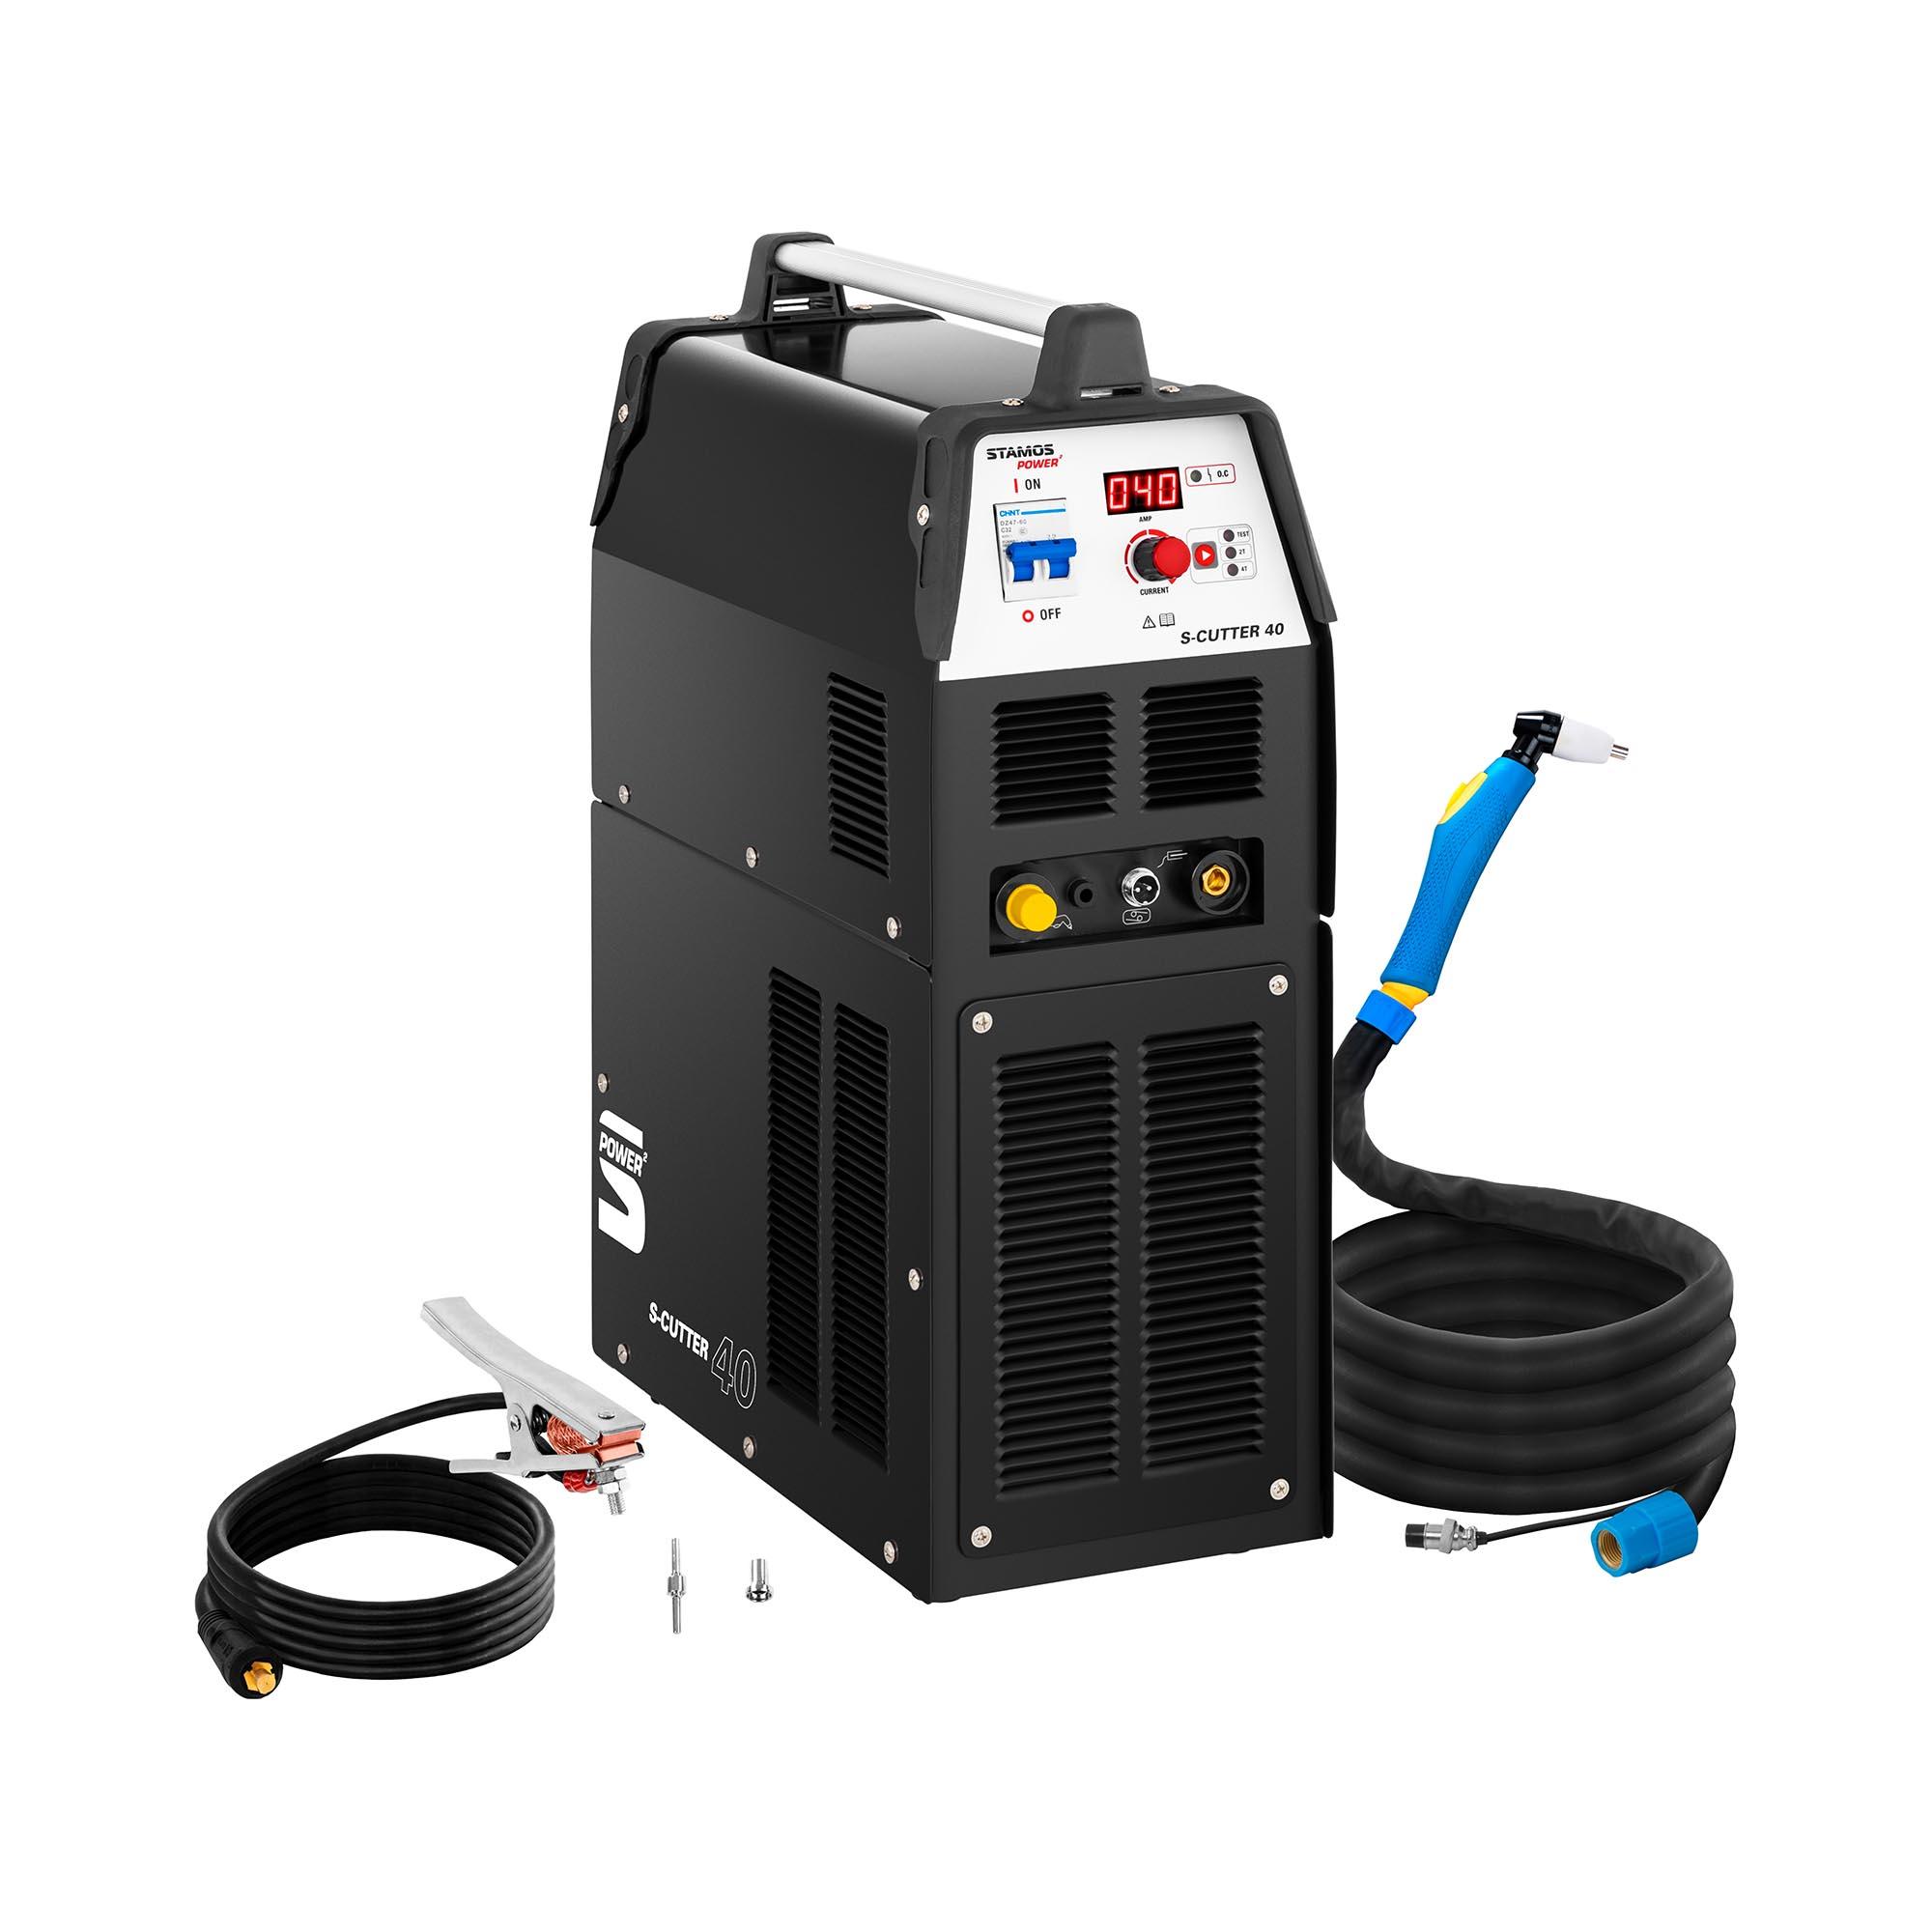 Stamos Power ² Plasmaschneider mit Kompressor- 40 A - ED 60 % - digital - 230 V 10020150